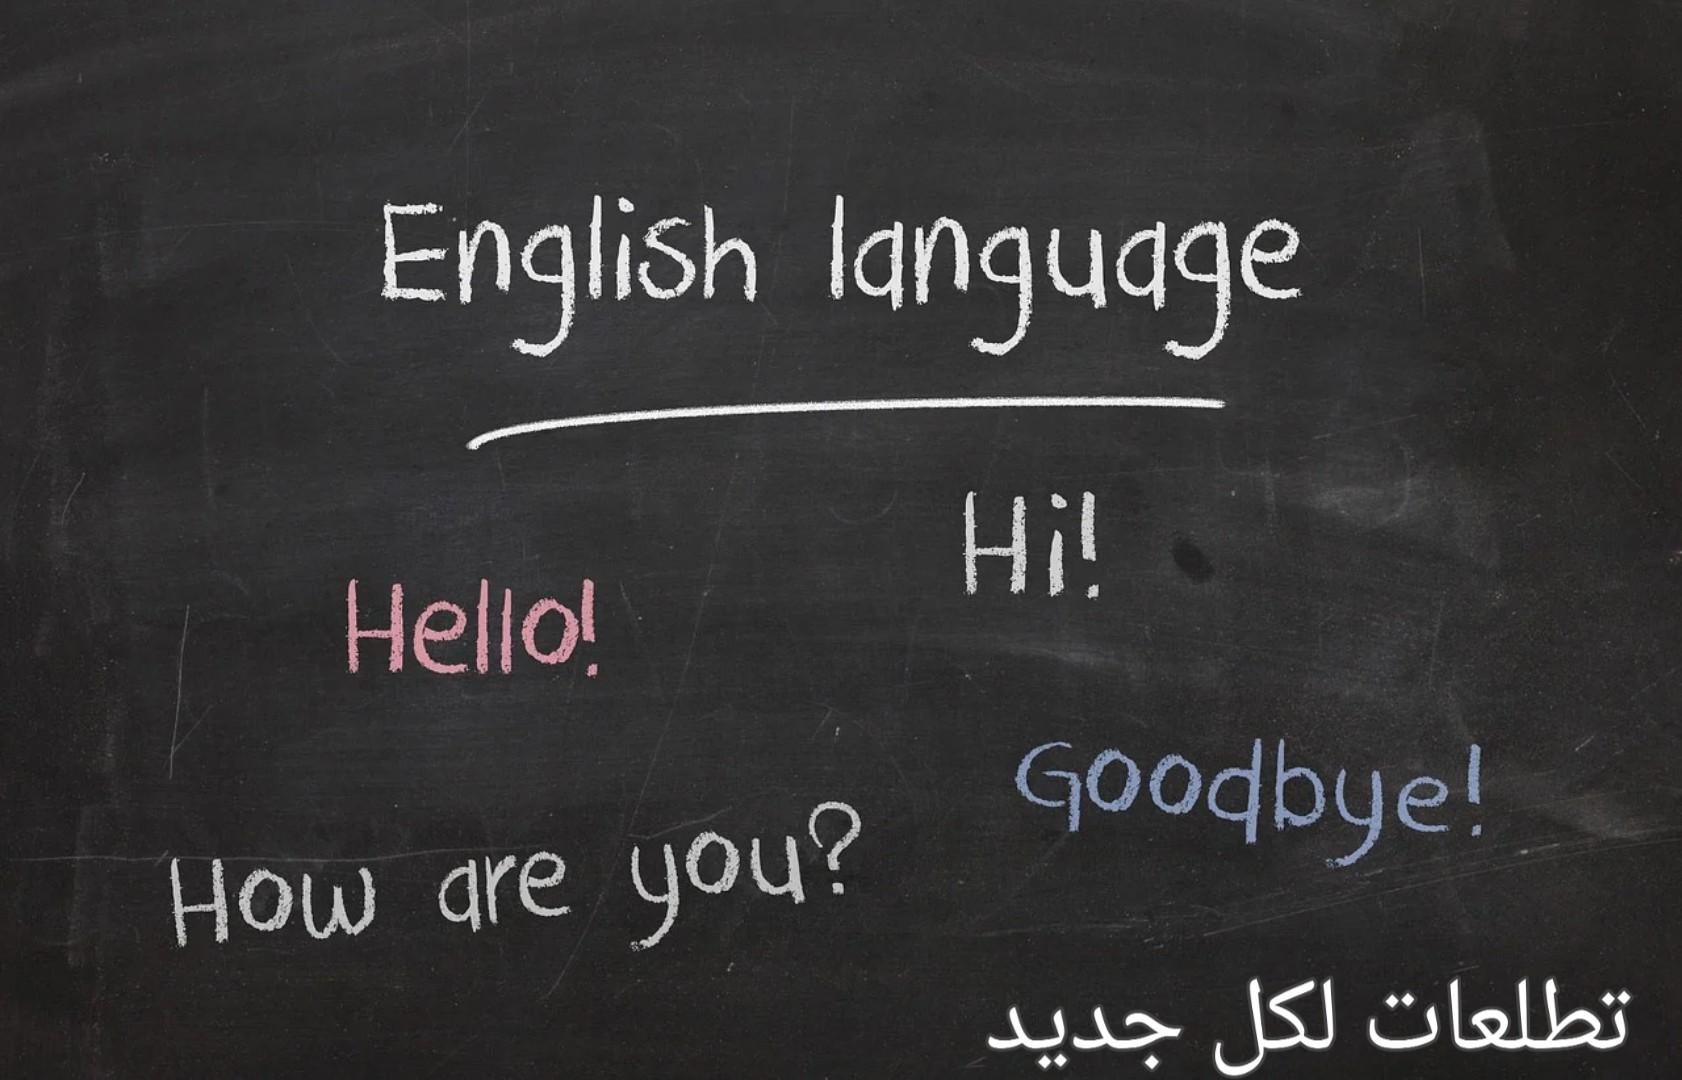 6 خطوات لإتقان الإنجليزية للمبتدئين